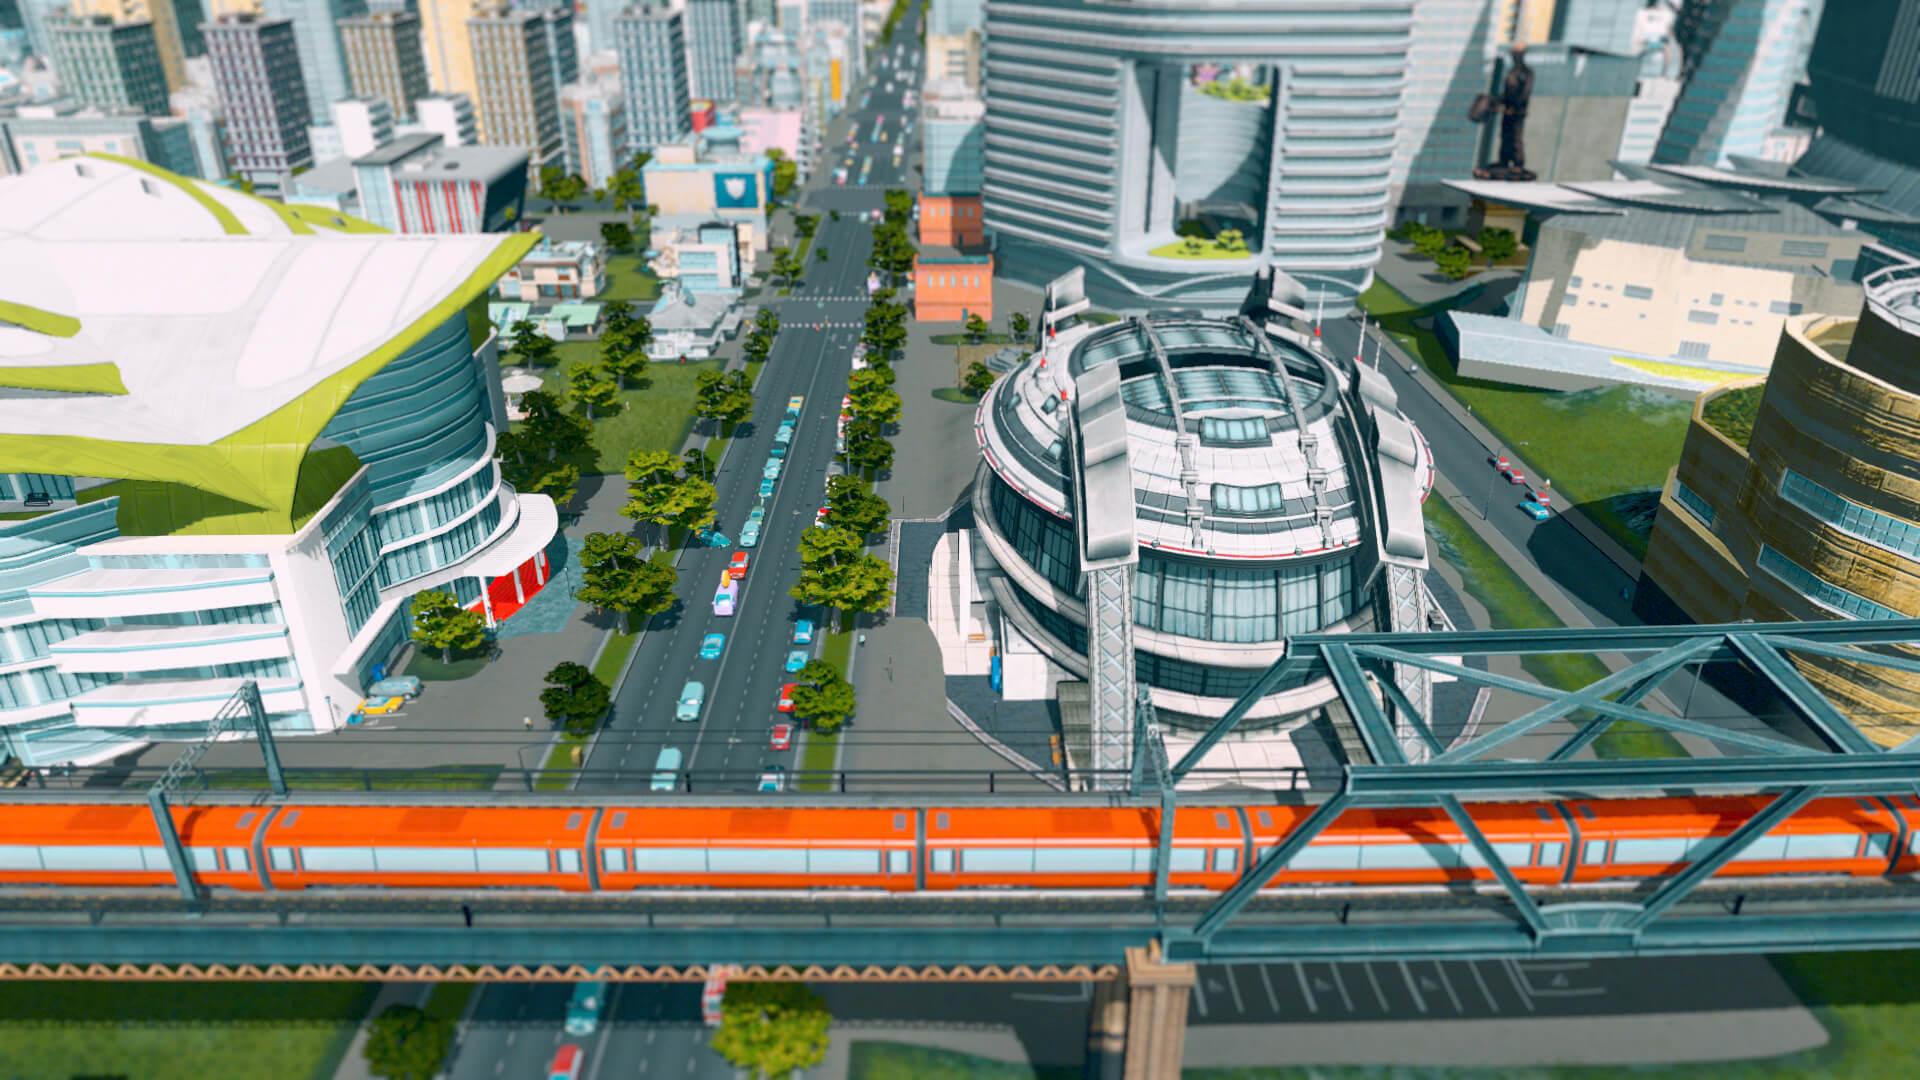 Eine U-Bahn fährt gerade über eine Überführung.